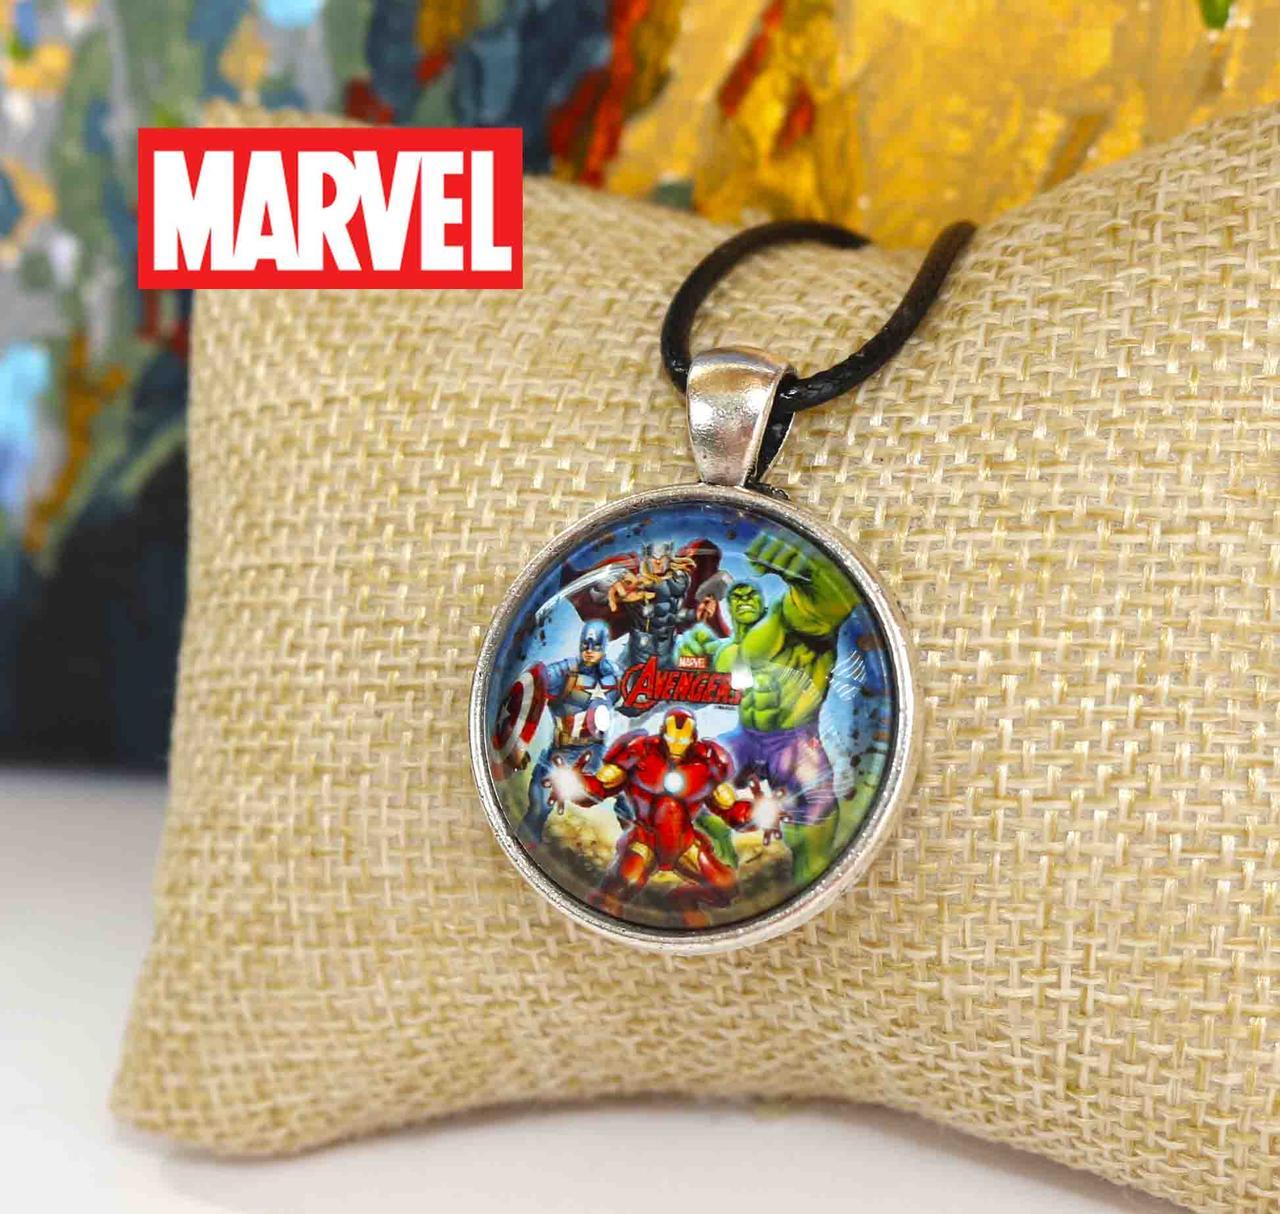 Кулон с изображением персонажей Avengers Мстители